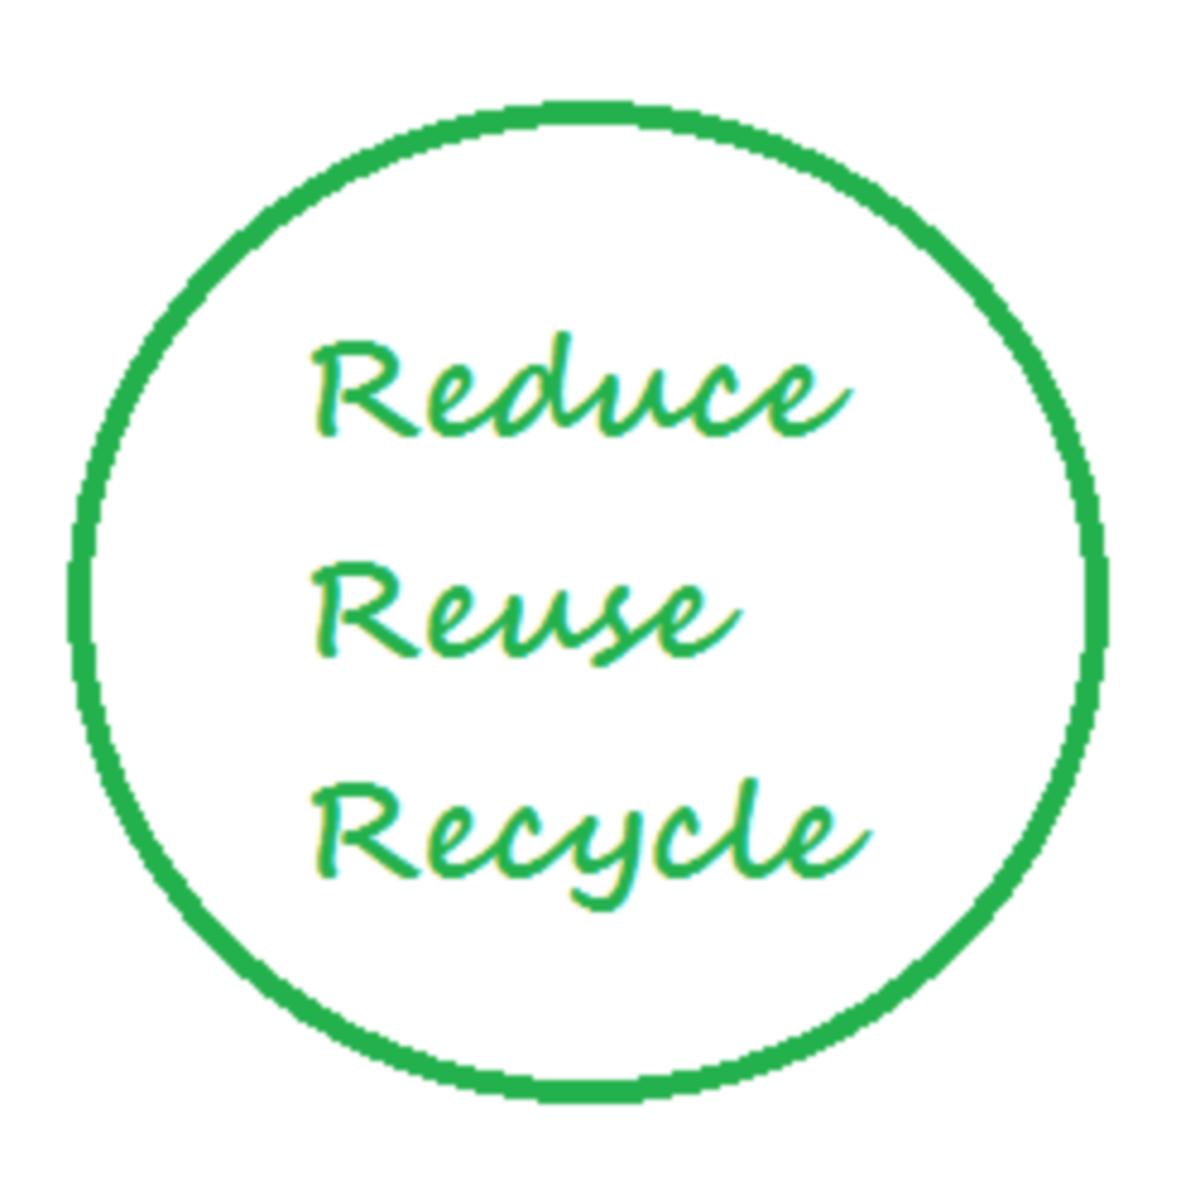 reusewaste